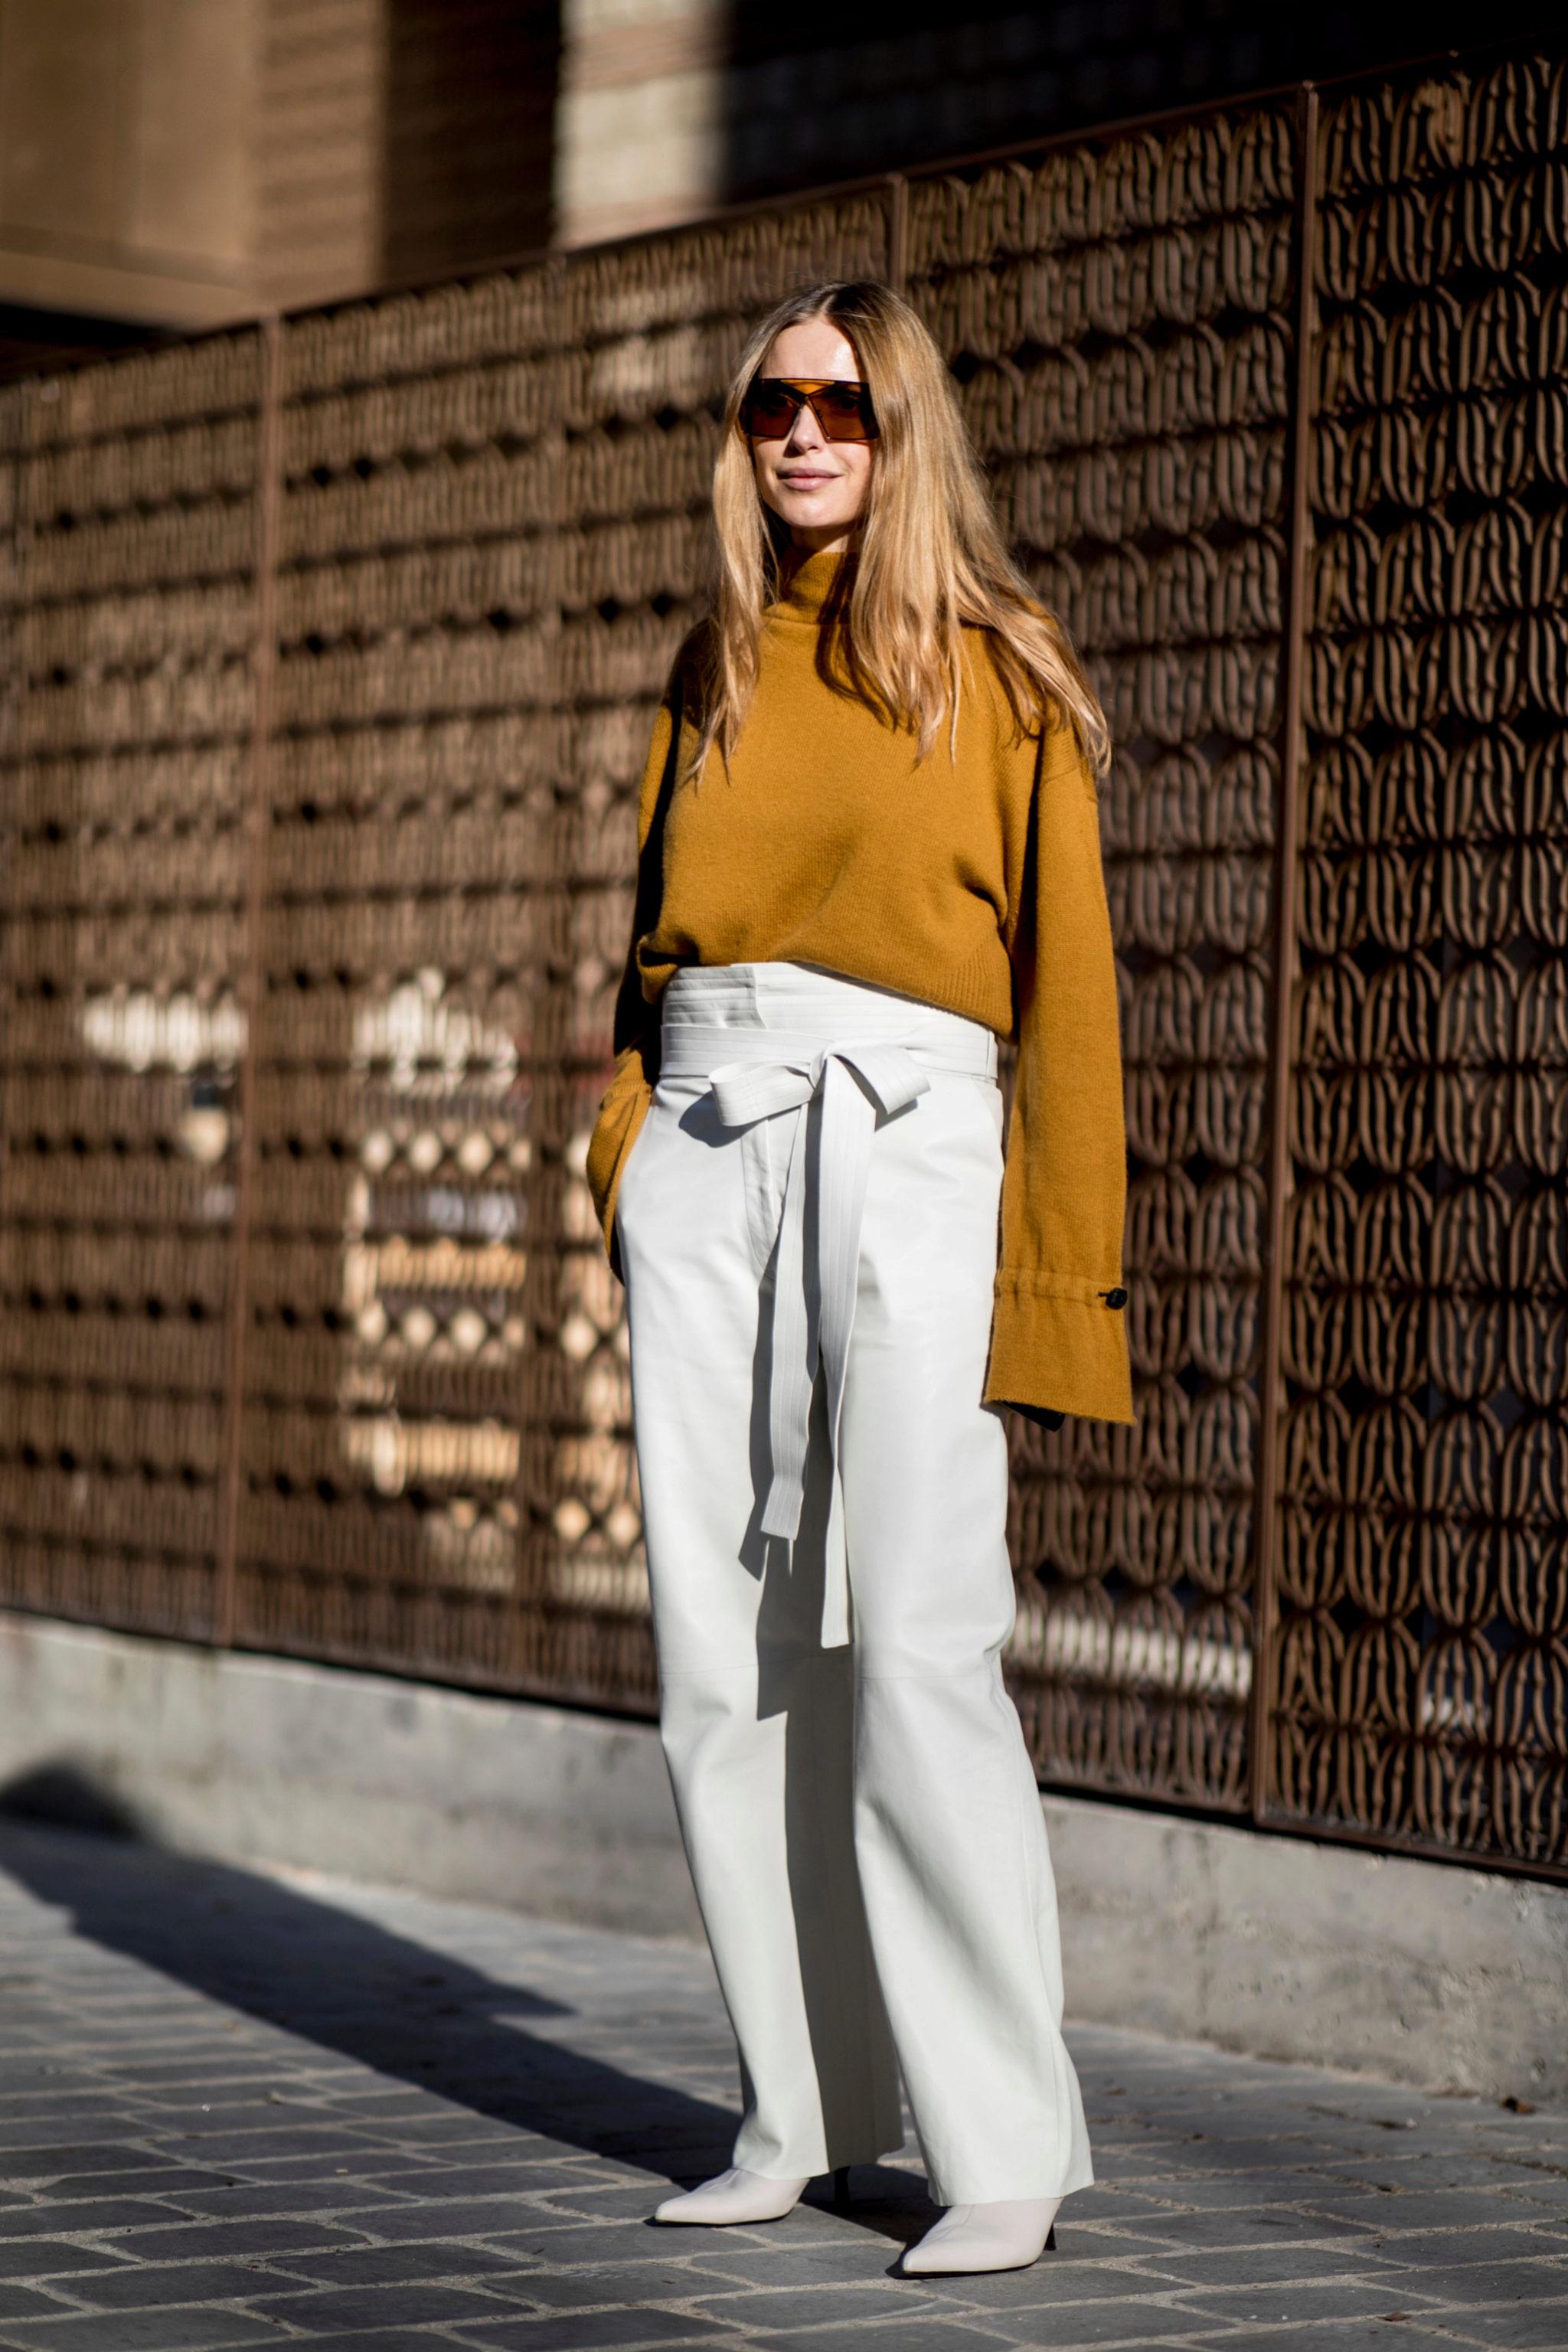 Los botines blancos pueden llevarse también con un pantalón blanco